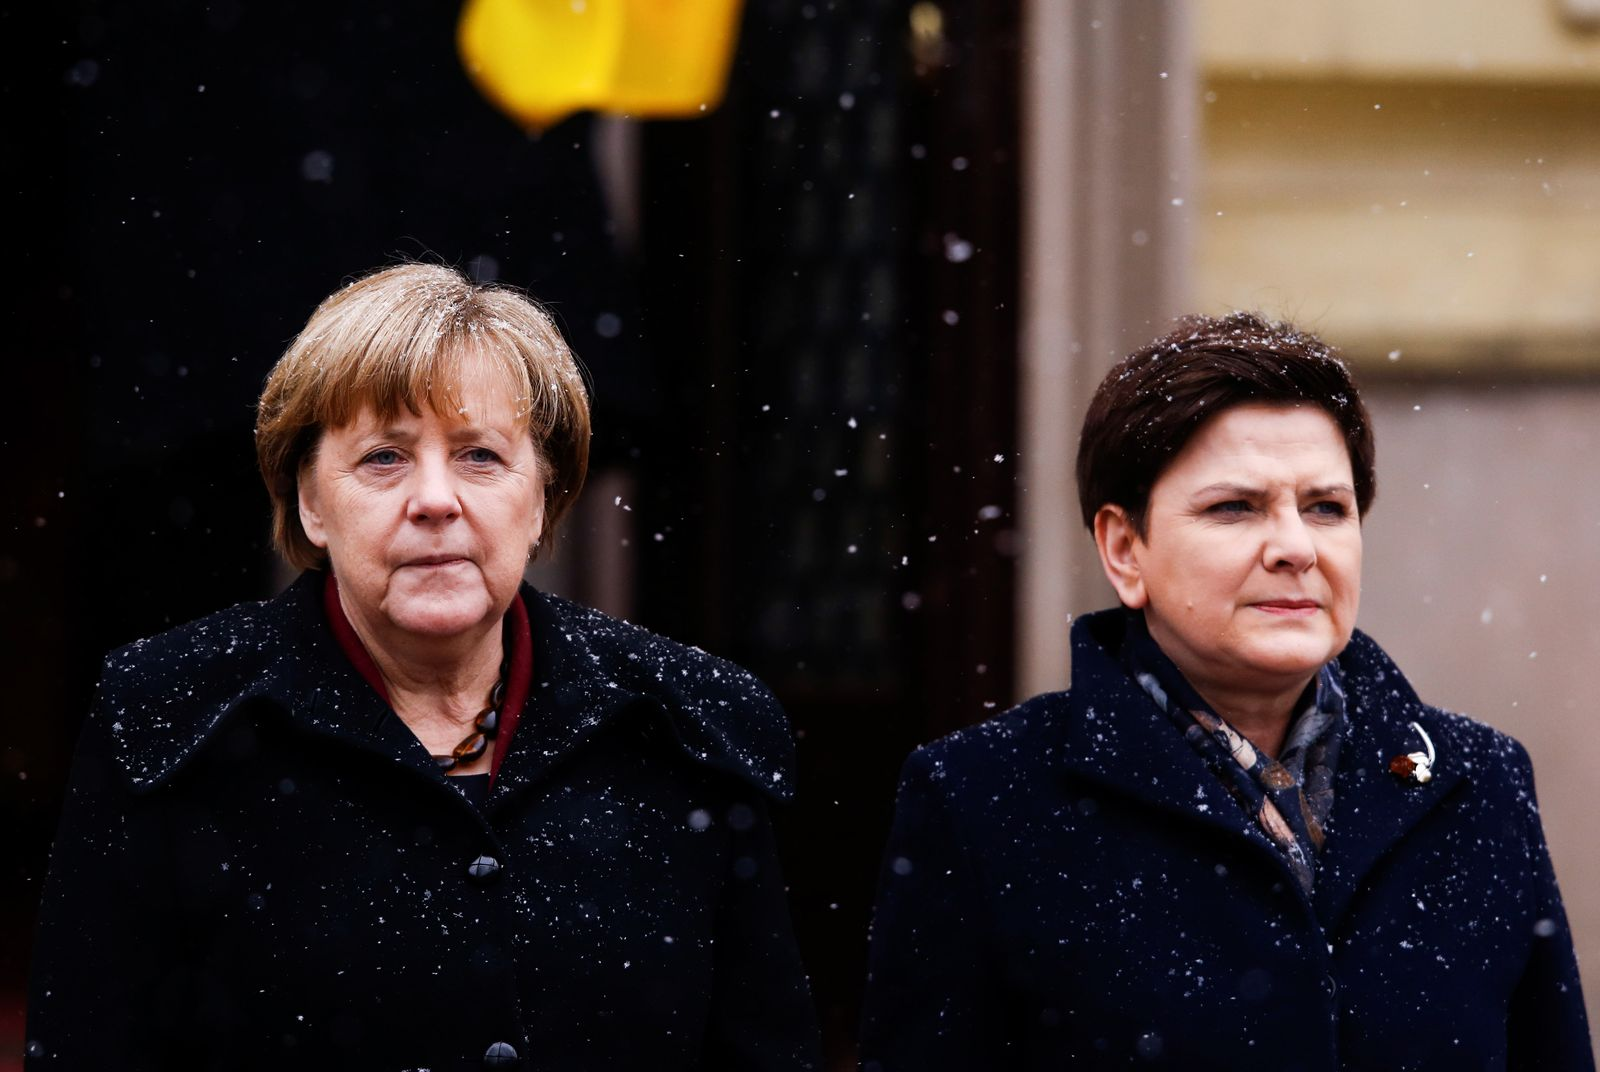 Angela Merkel/ Beata Szydlo